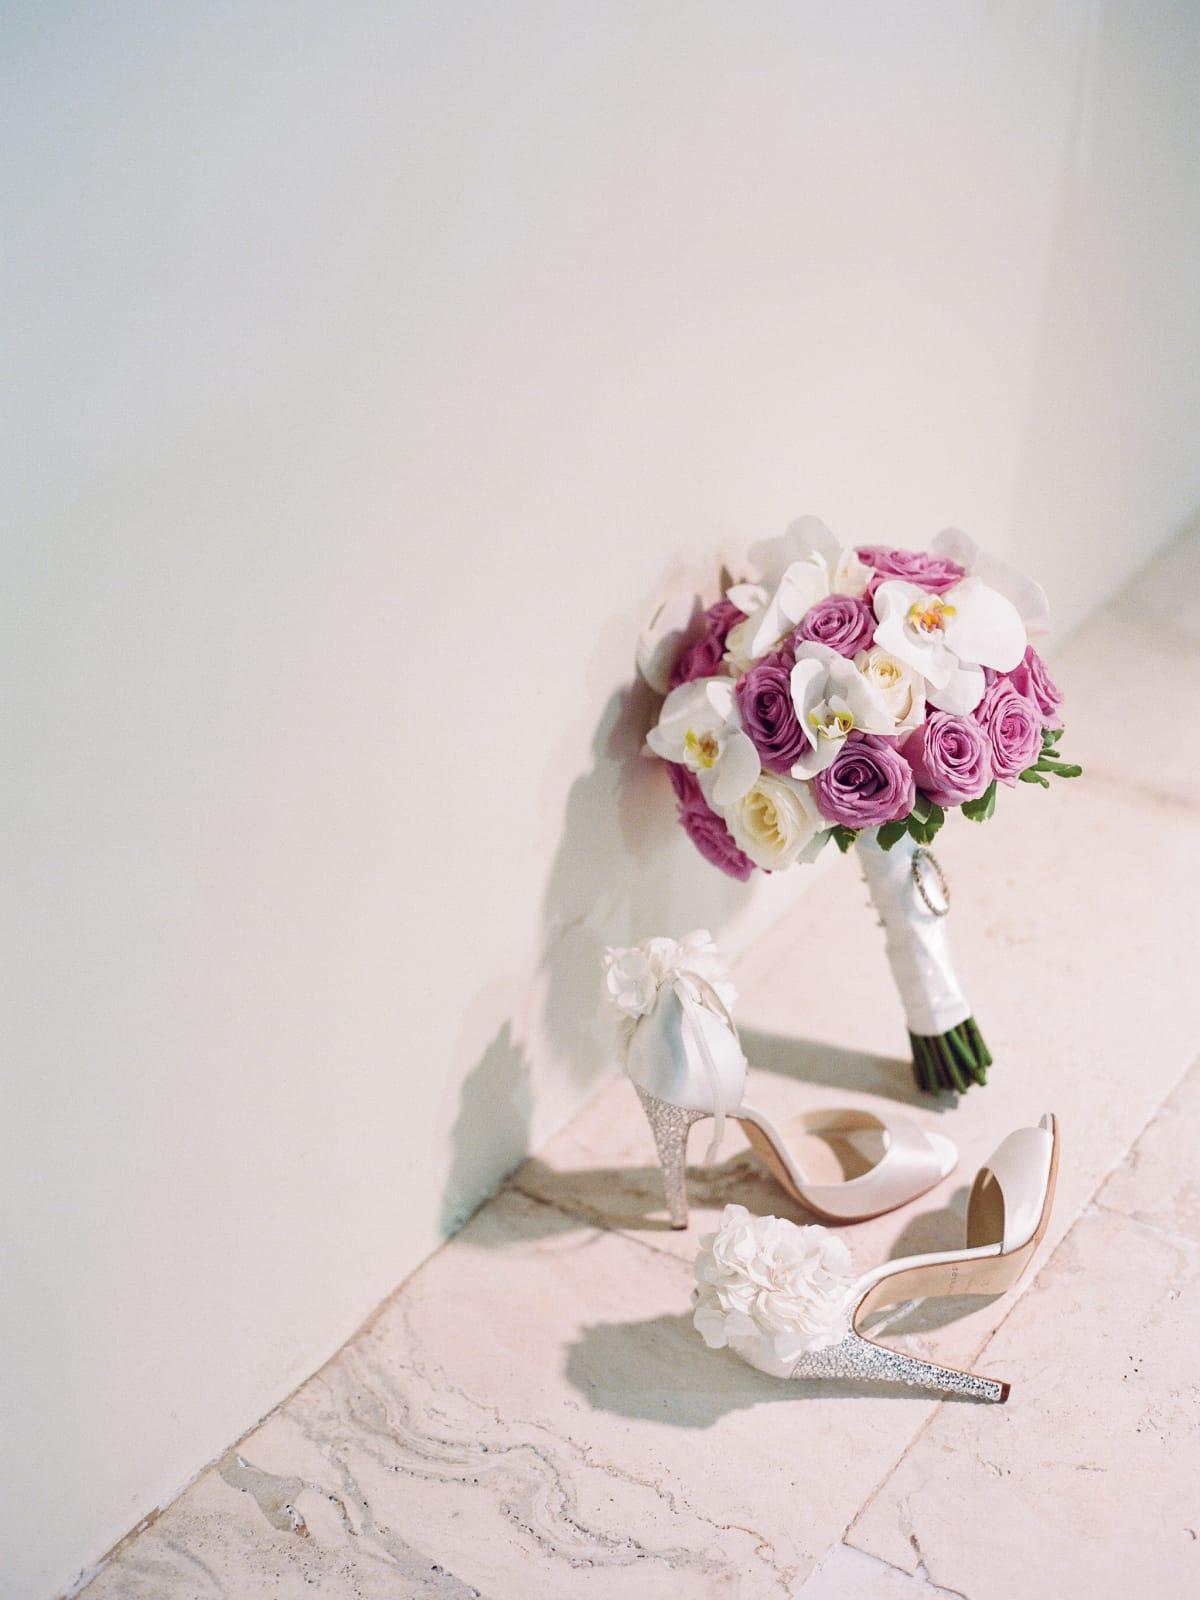 Wonderful Weddings, Kendhal Gardner, Feb. 2016, custom shoes